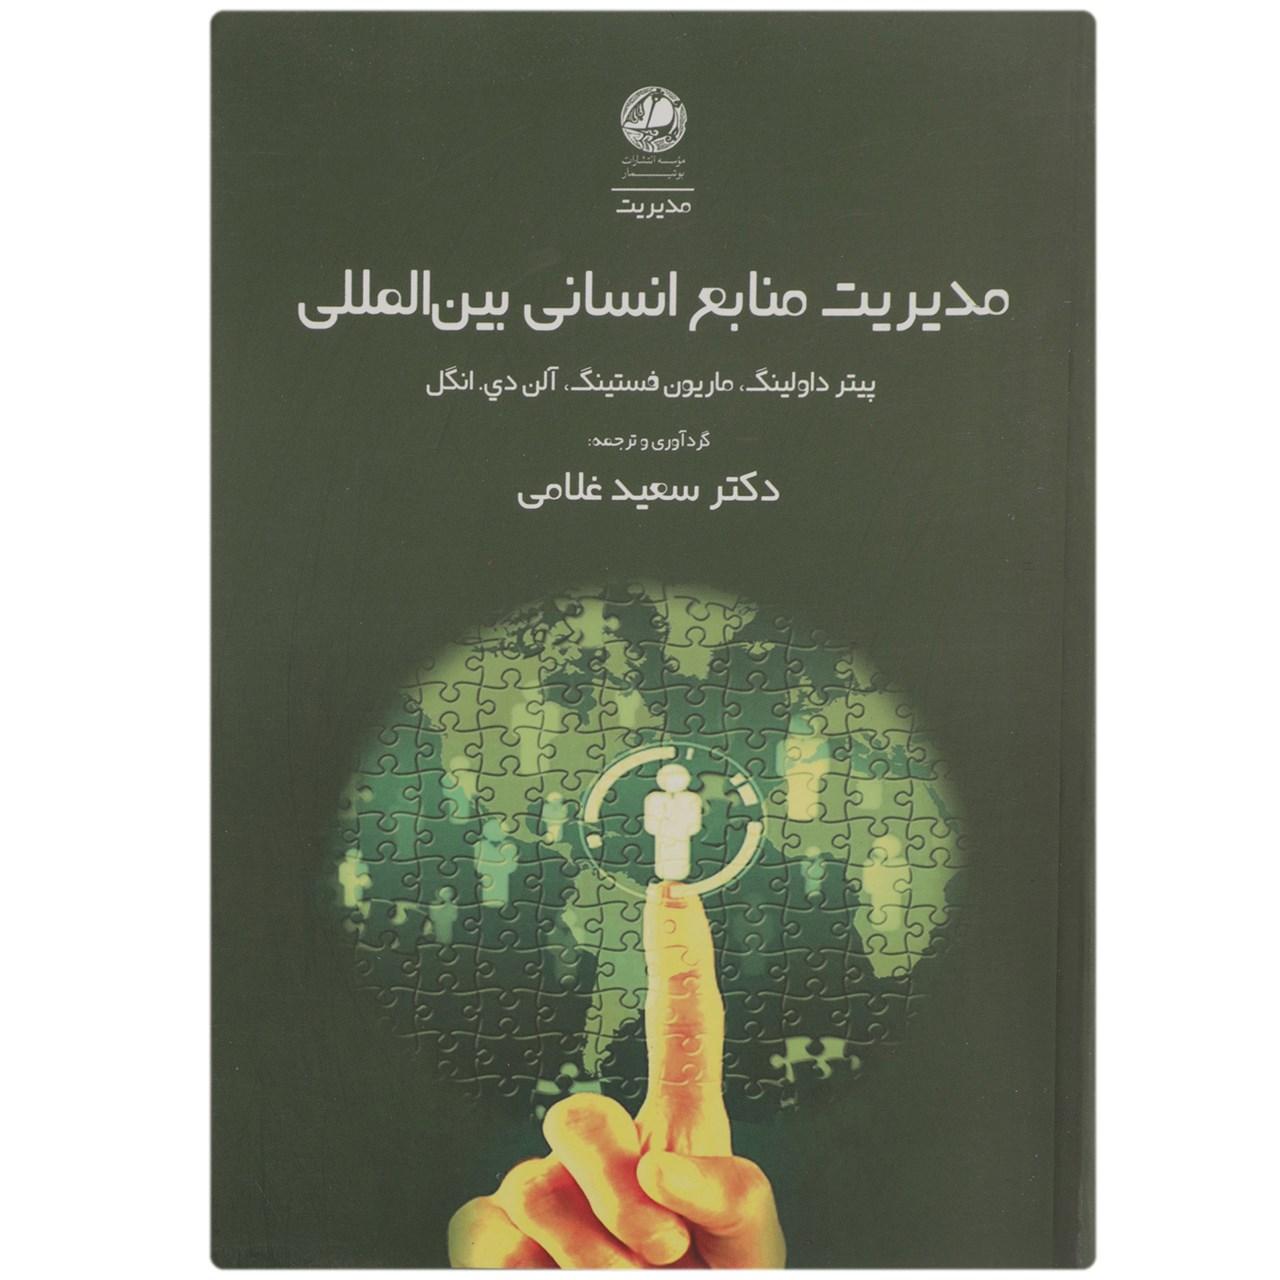 کتاب مدیریت منابع انسانی بین الملل اثر پیتر داولینگ